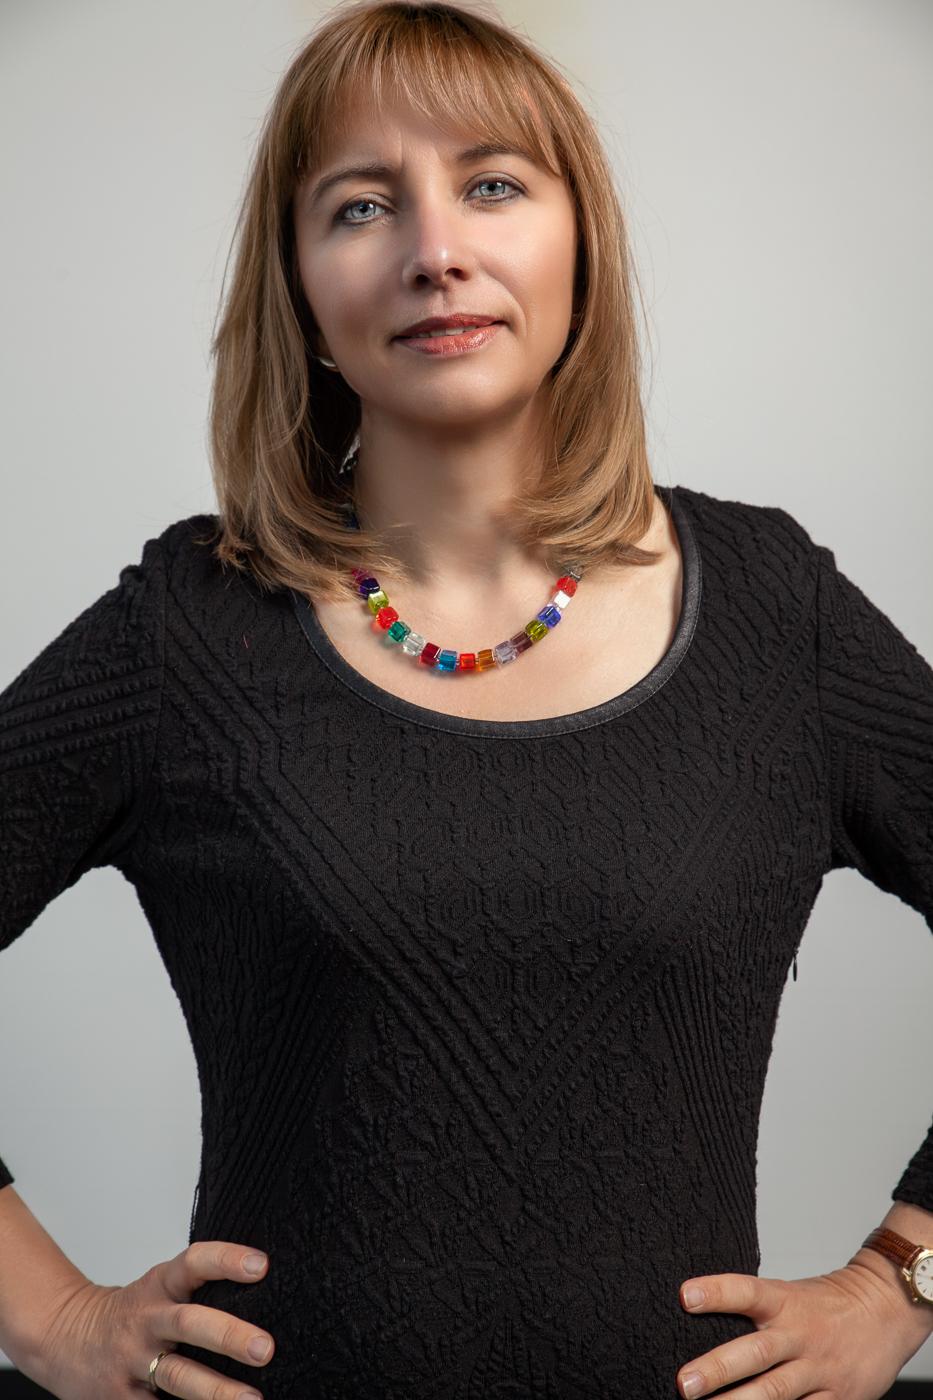 Portraitfoto Woman